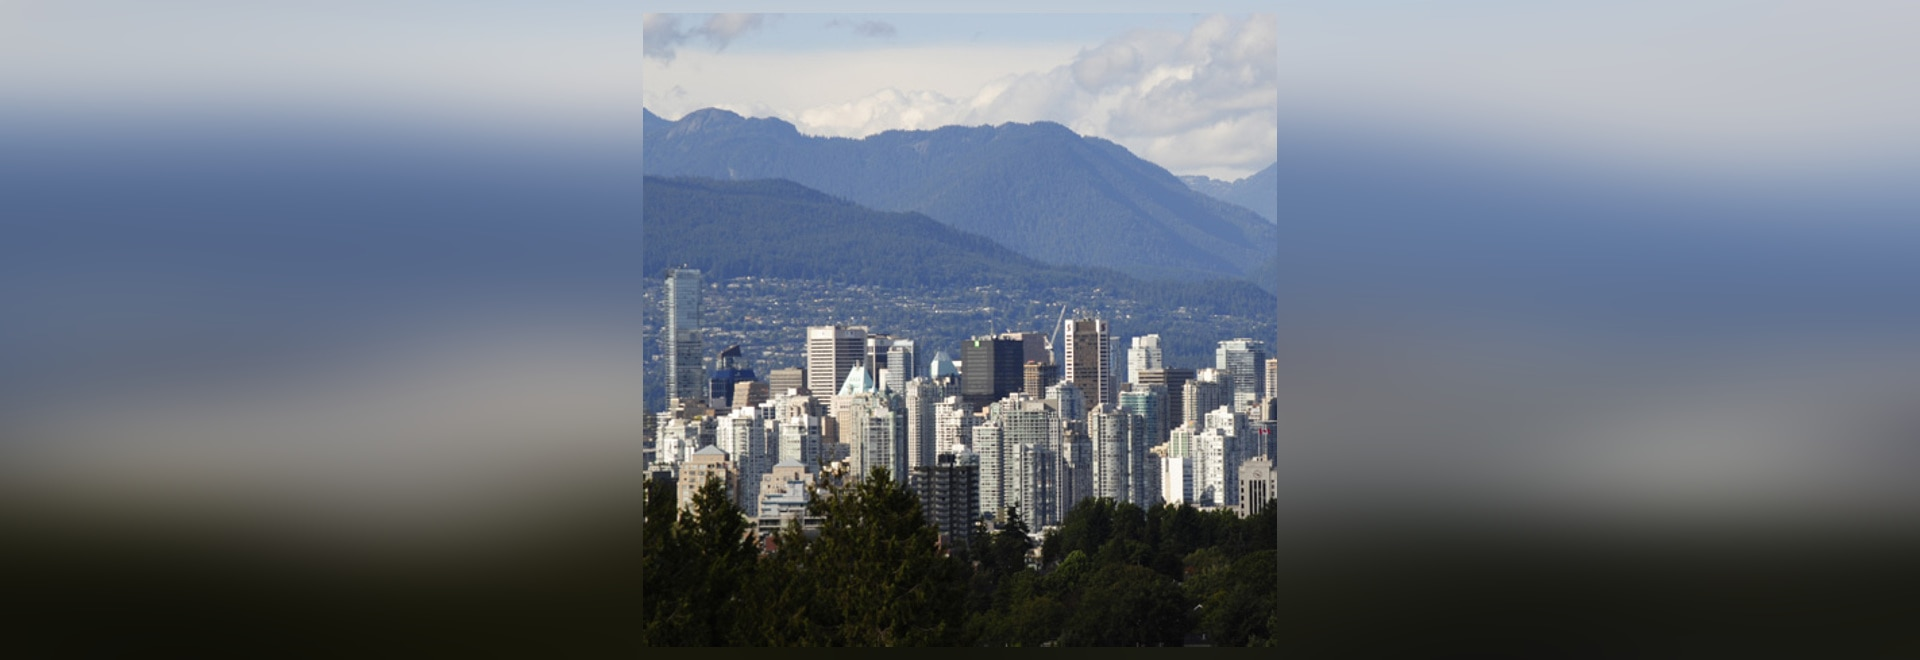 Les Etats-Unis, le Canada et le Mexique pour identifier les architectes de chacun